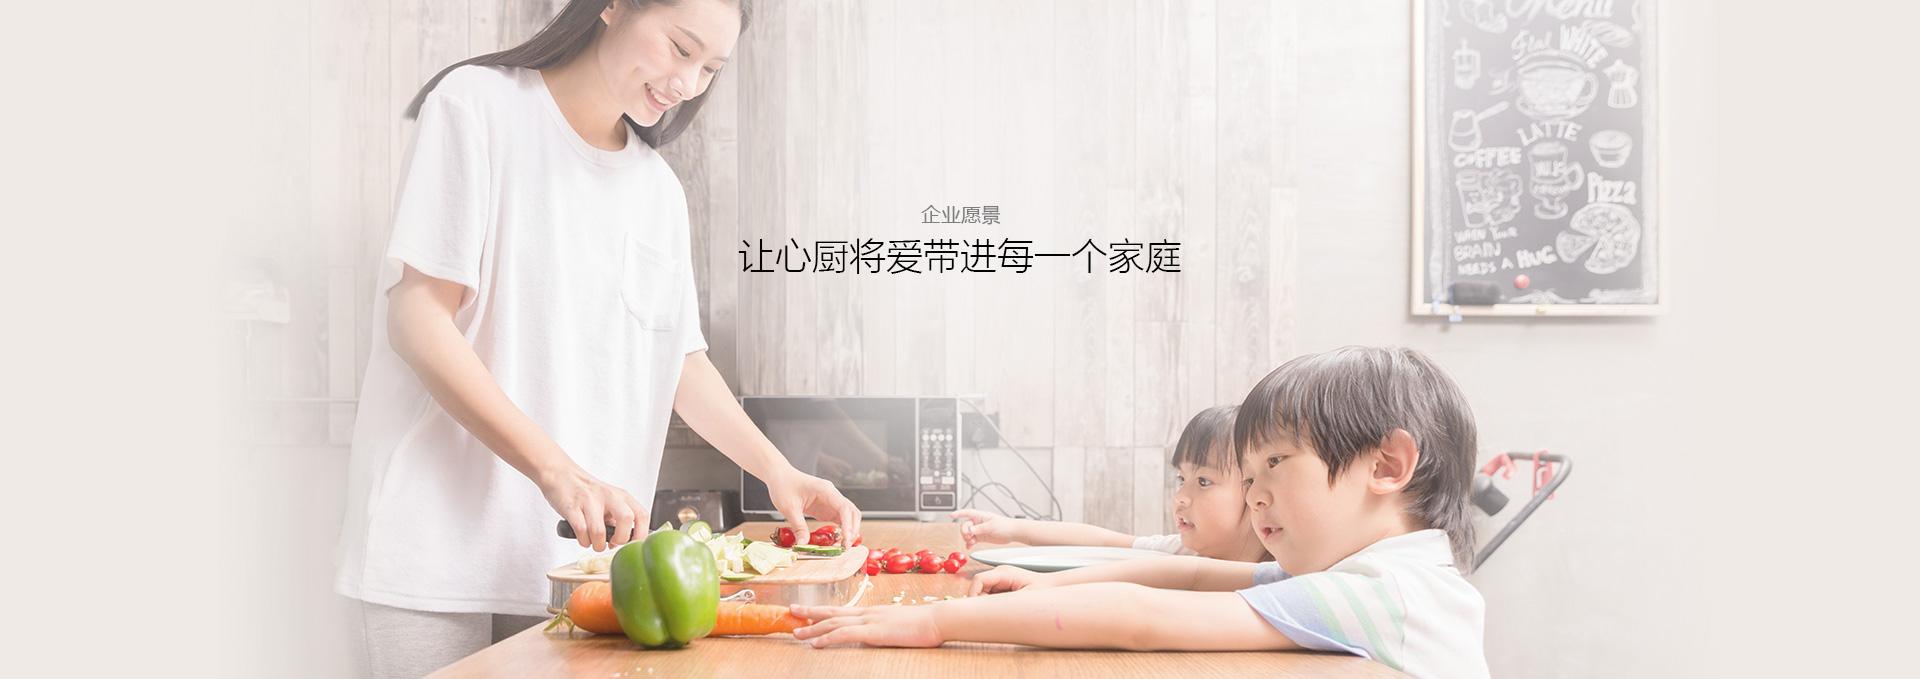 企业愿景,让心厨将爱带进每一个家庭